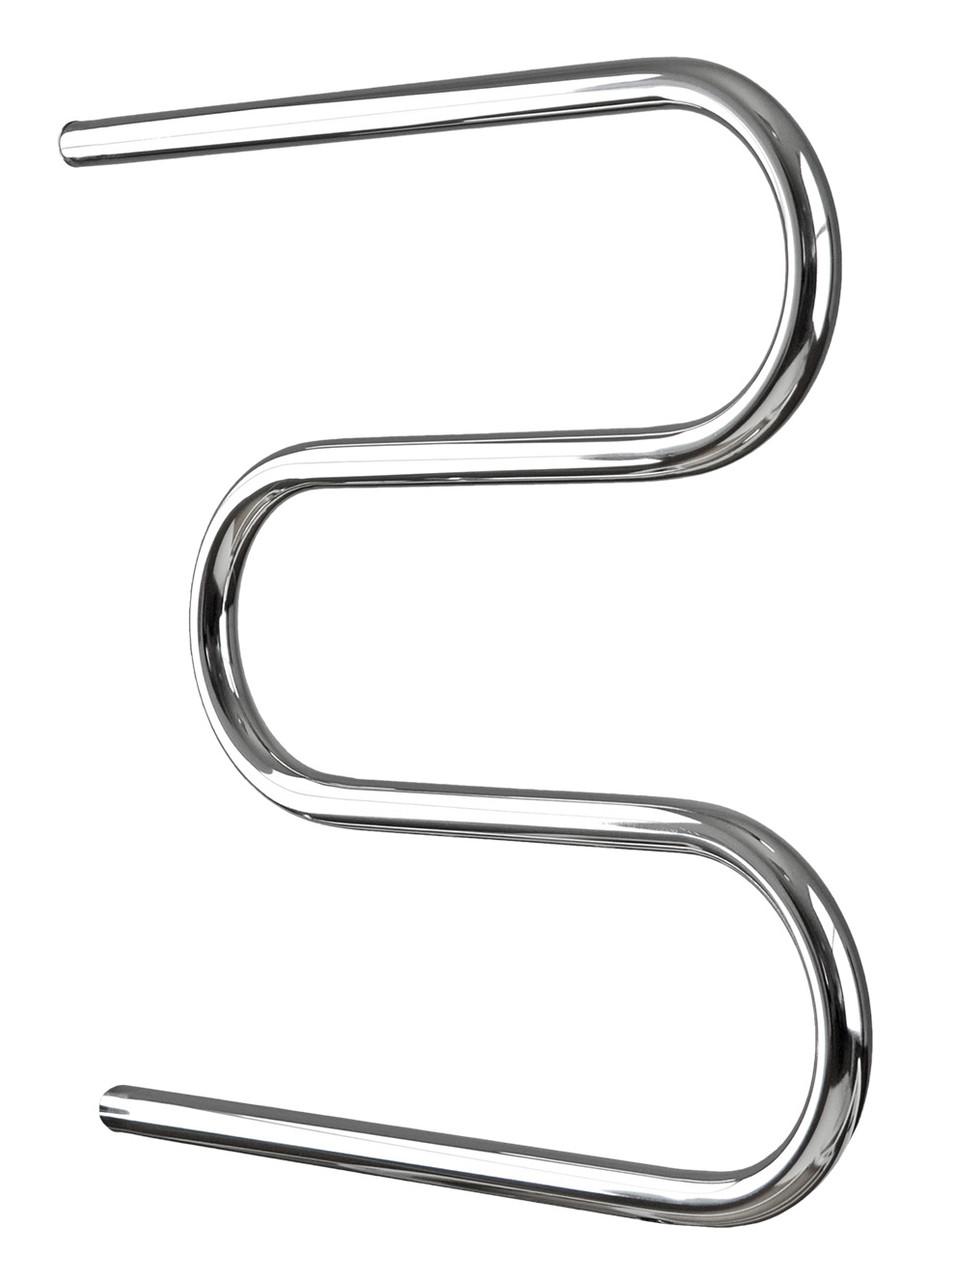 Водяной полотенцесушитель Змейка ∅25 525x500/500